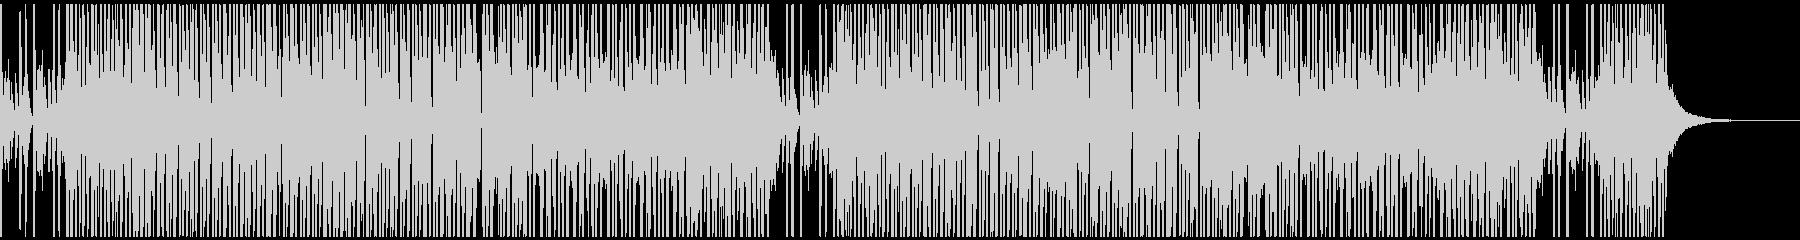 アップテンポなJAZZ風BGM_カフェの未再生の波形